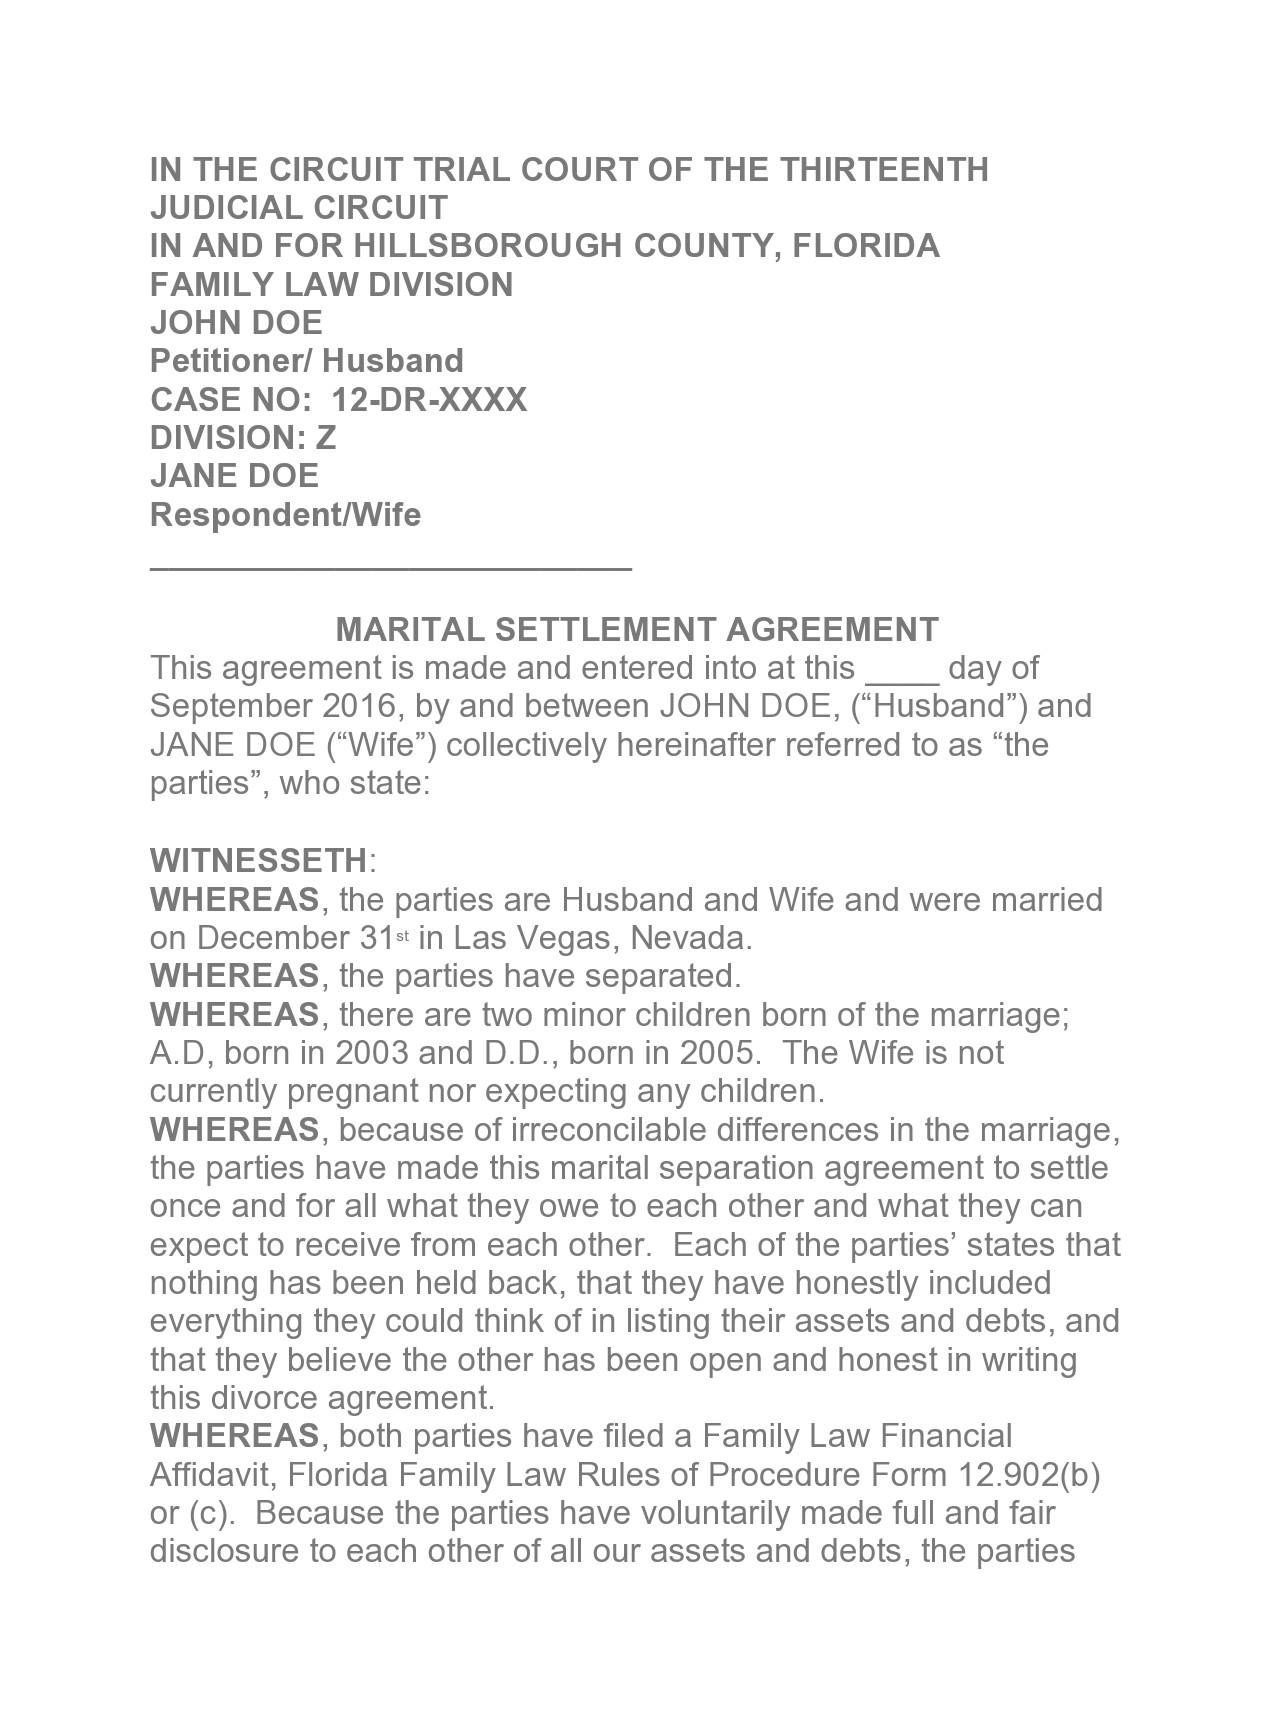 Free marital settlement agreement 35